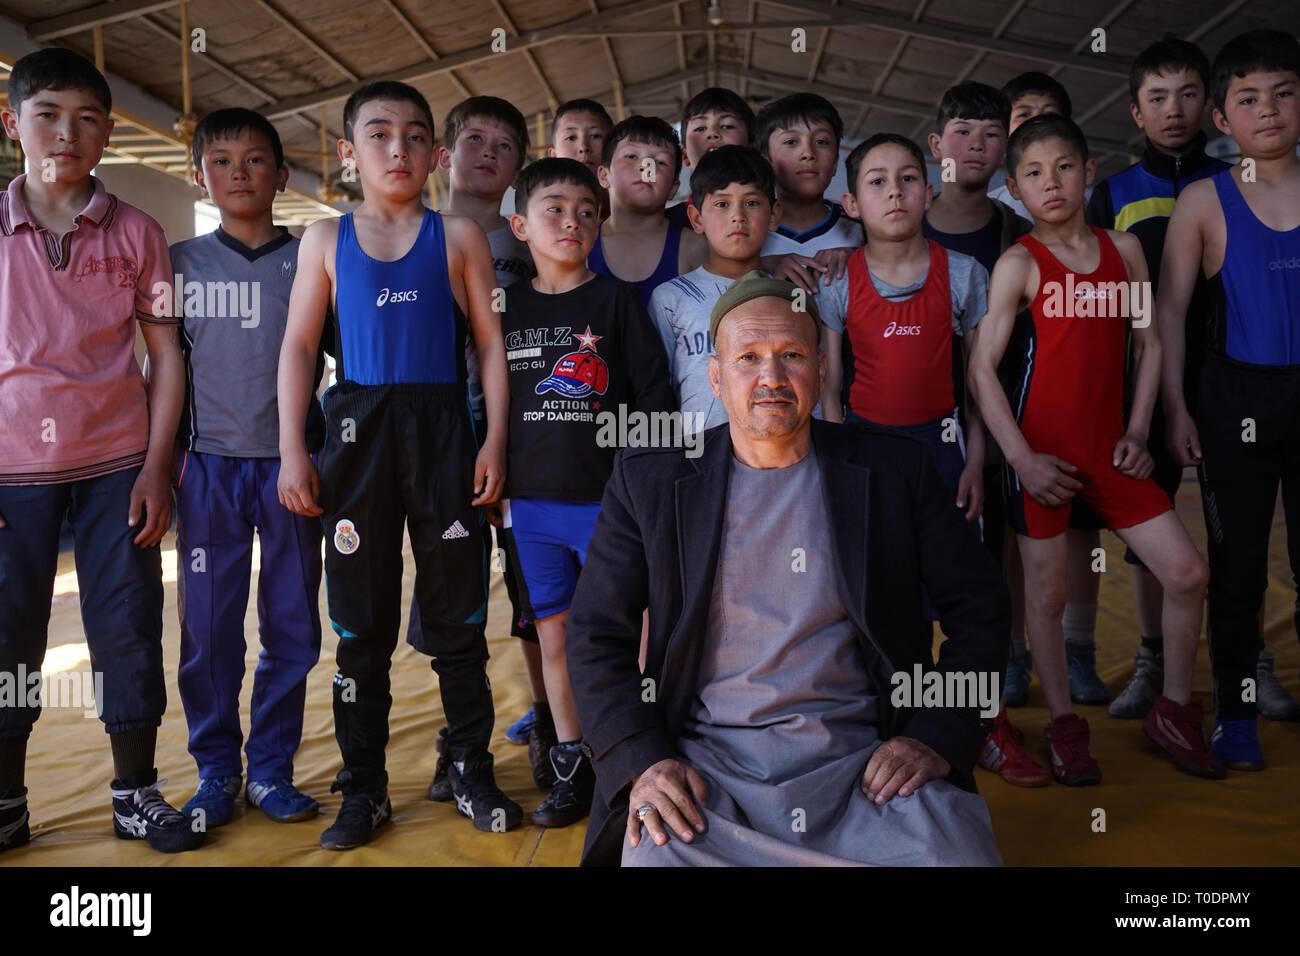 Die maiwand Wrestling Club wurde durch Selbstmordattentäter der Islamischen Staat im Irak und der Levante (ISIL oder ISIS) Gruppe im vergangenen September angegriffen. Mindestens 20 Menschen wurden getötet und 70 im Angriff an der Verein in Dash verwundet - e - Barchi, eine Nachbarschaft in Kabul West, Haus zu einem beträchtlichen Hazara Community. Trainer Ghulam Abbas seinen linken Arm, was er sagte, ein Angriff auf die ethnischen Hazara Minderheit war verloren. In einem Akt des Widerstands, Abbas hat nun dem Wrestling Club, wo er für 30 Jahre unterrichtet. Stockfoto